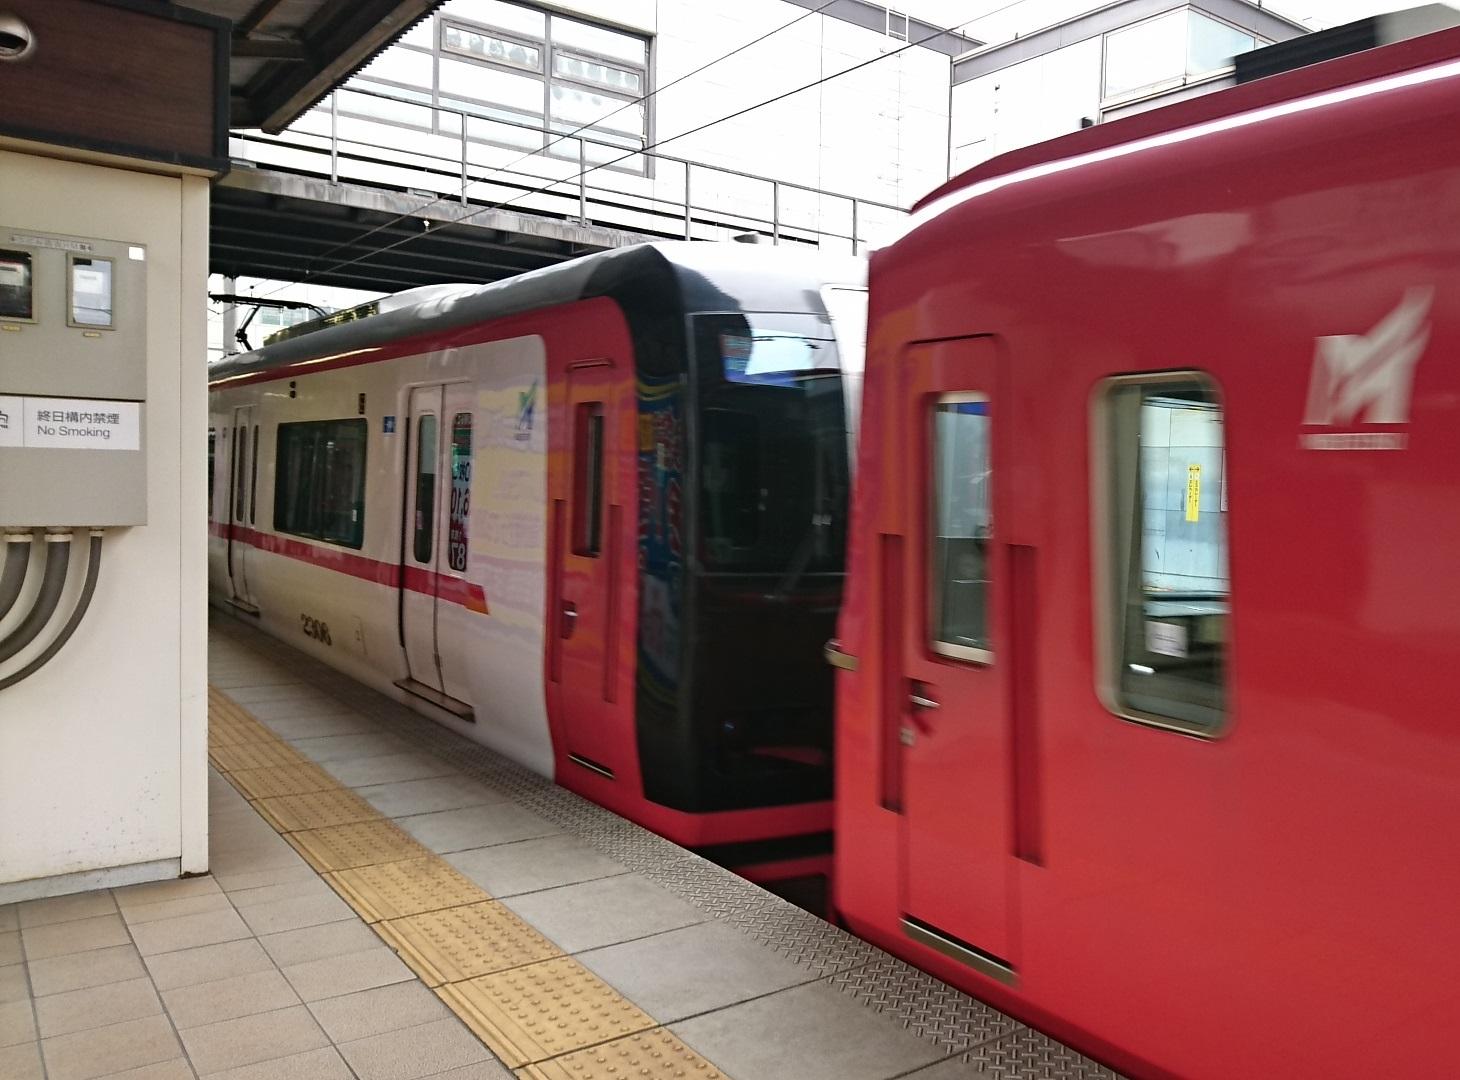 2017.5.9 名鉄 (5) 金山 - 岐阜いき特急「2308」 1460-1080